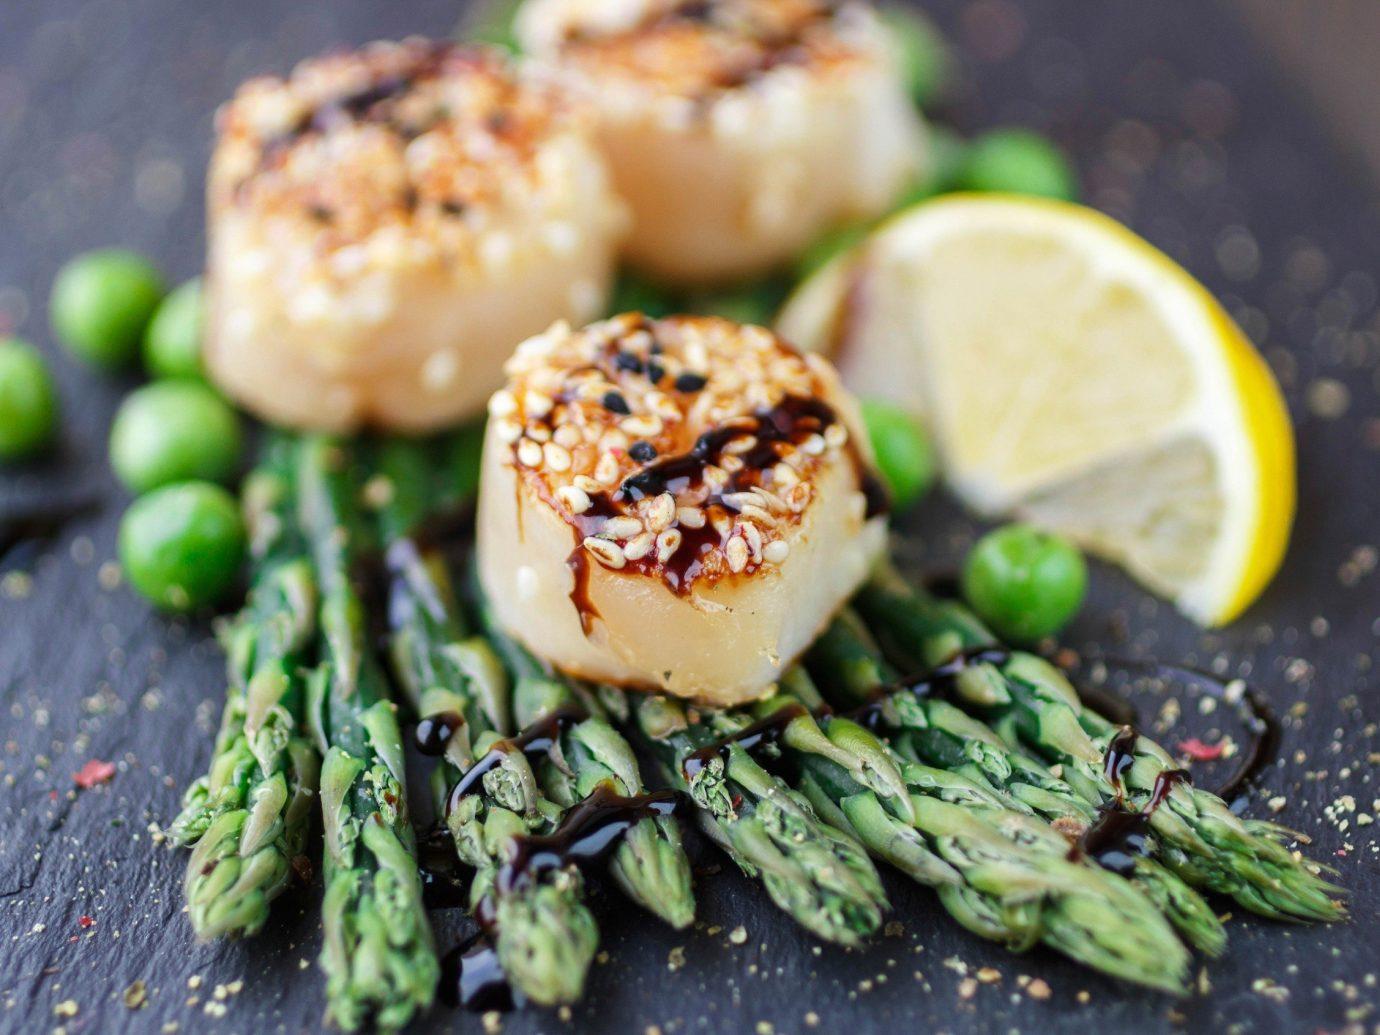 Food + Drink food dish produce vegetable Seafood cuisine invertebrate vegetarian food asparagus saute